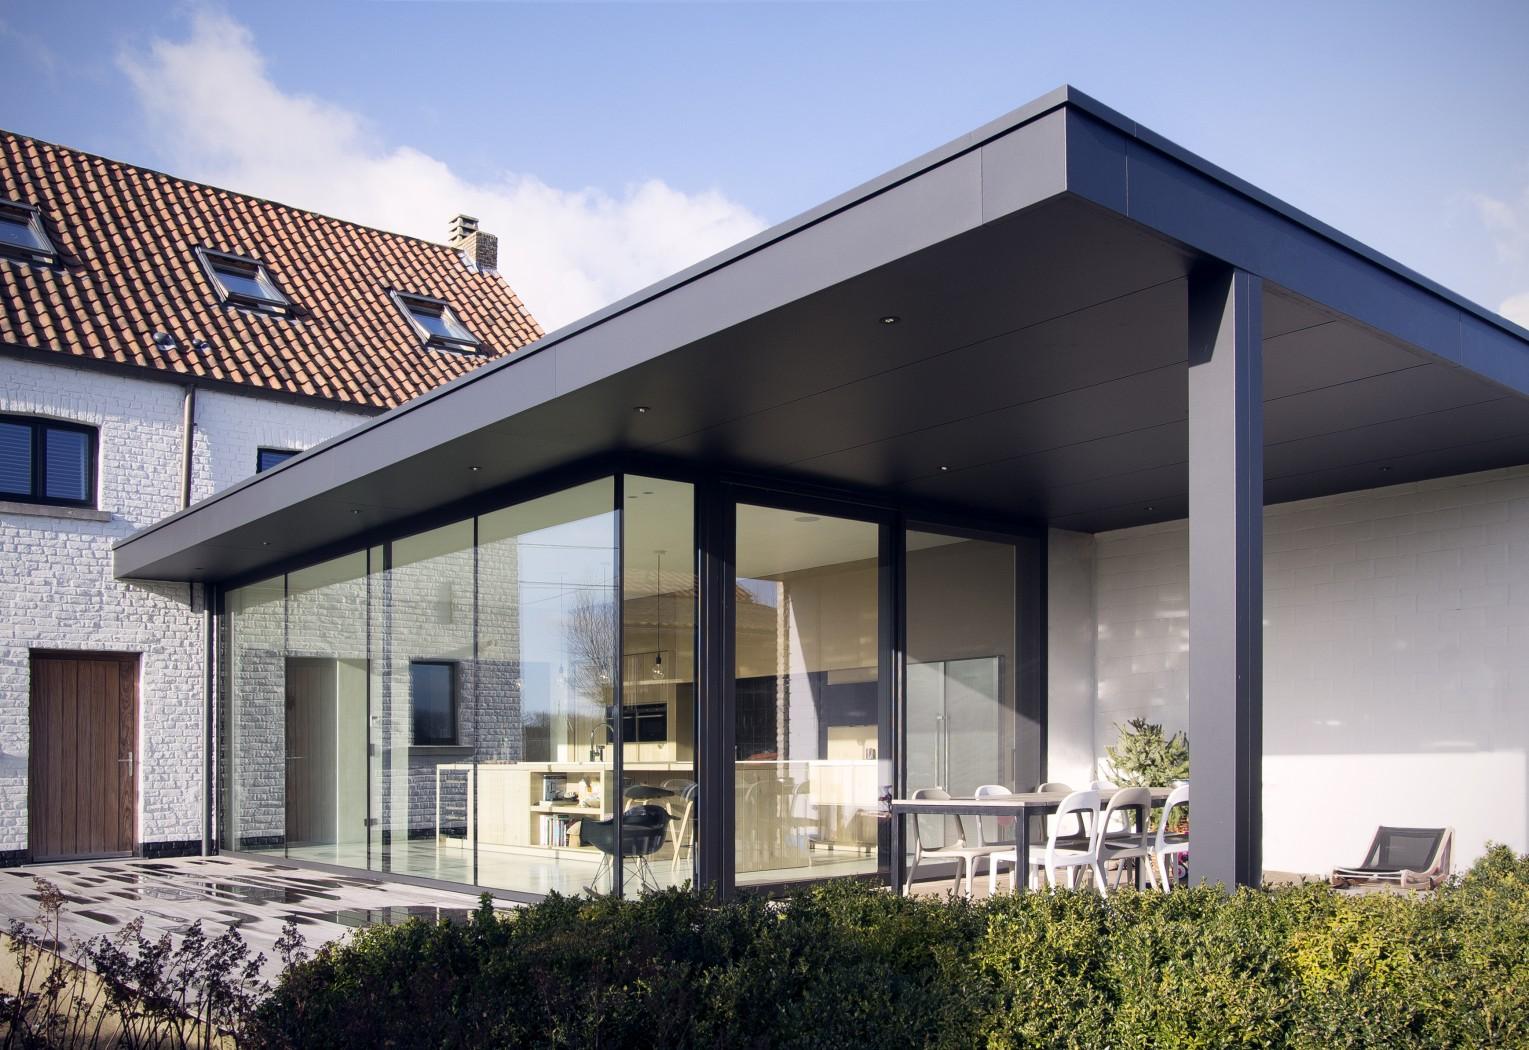 kreativ line modern moderne design serre. Black Bedroom Furniture Sets. Home Design Ideas